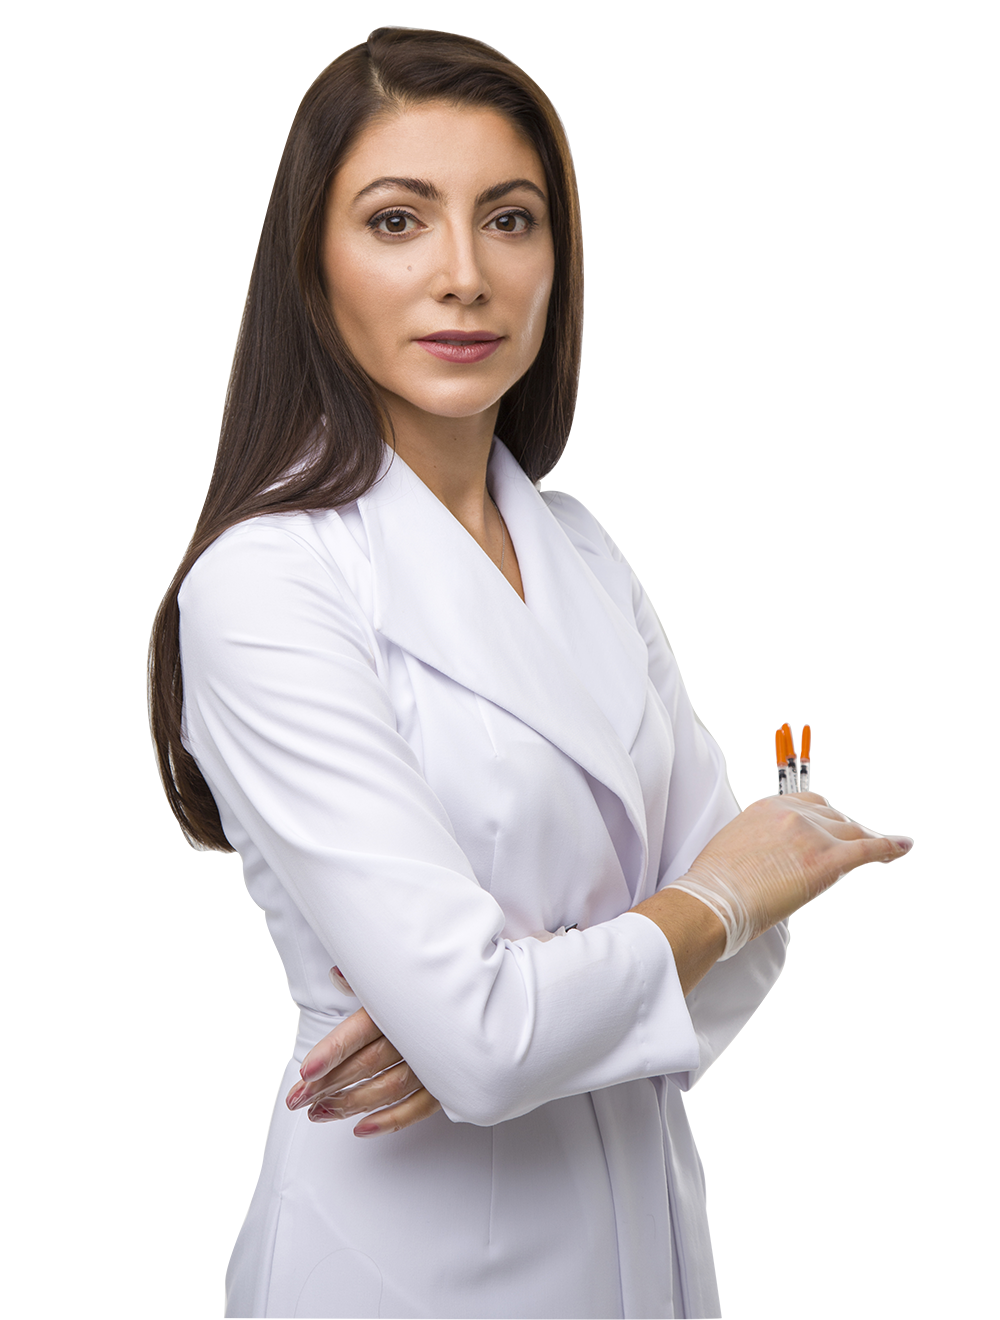 Косметолог Акопова